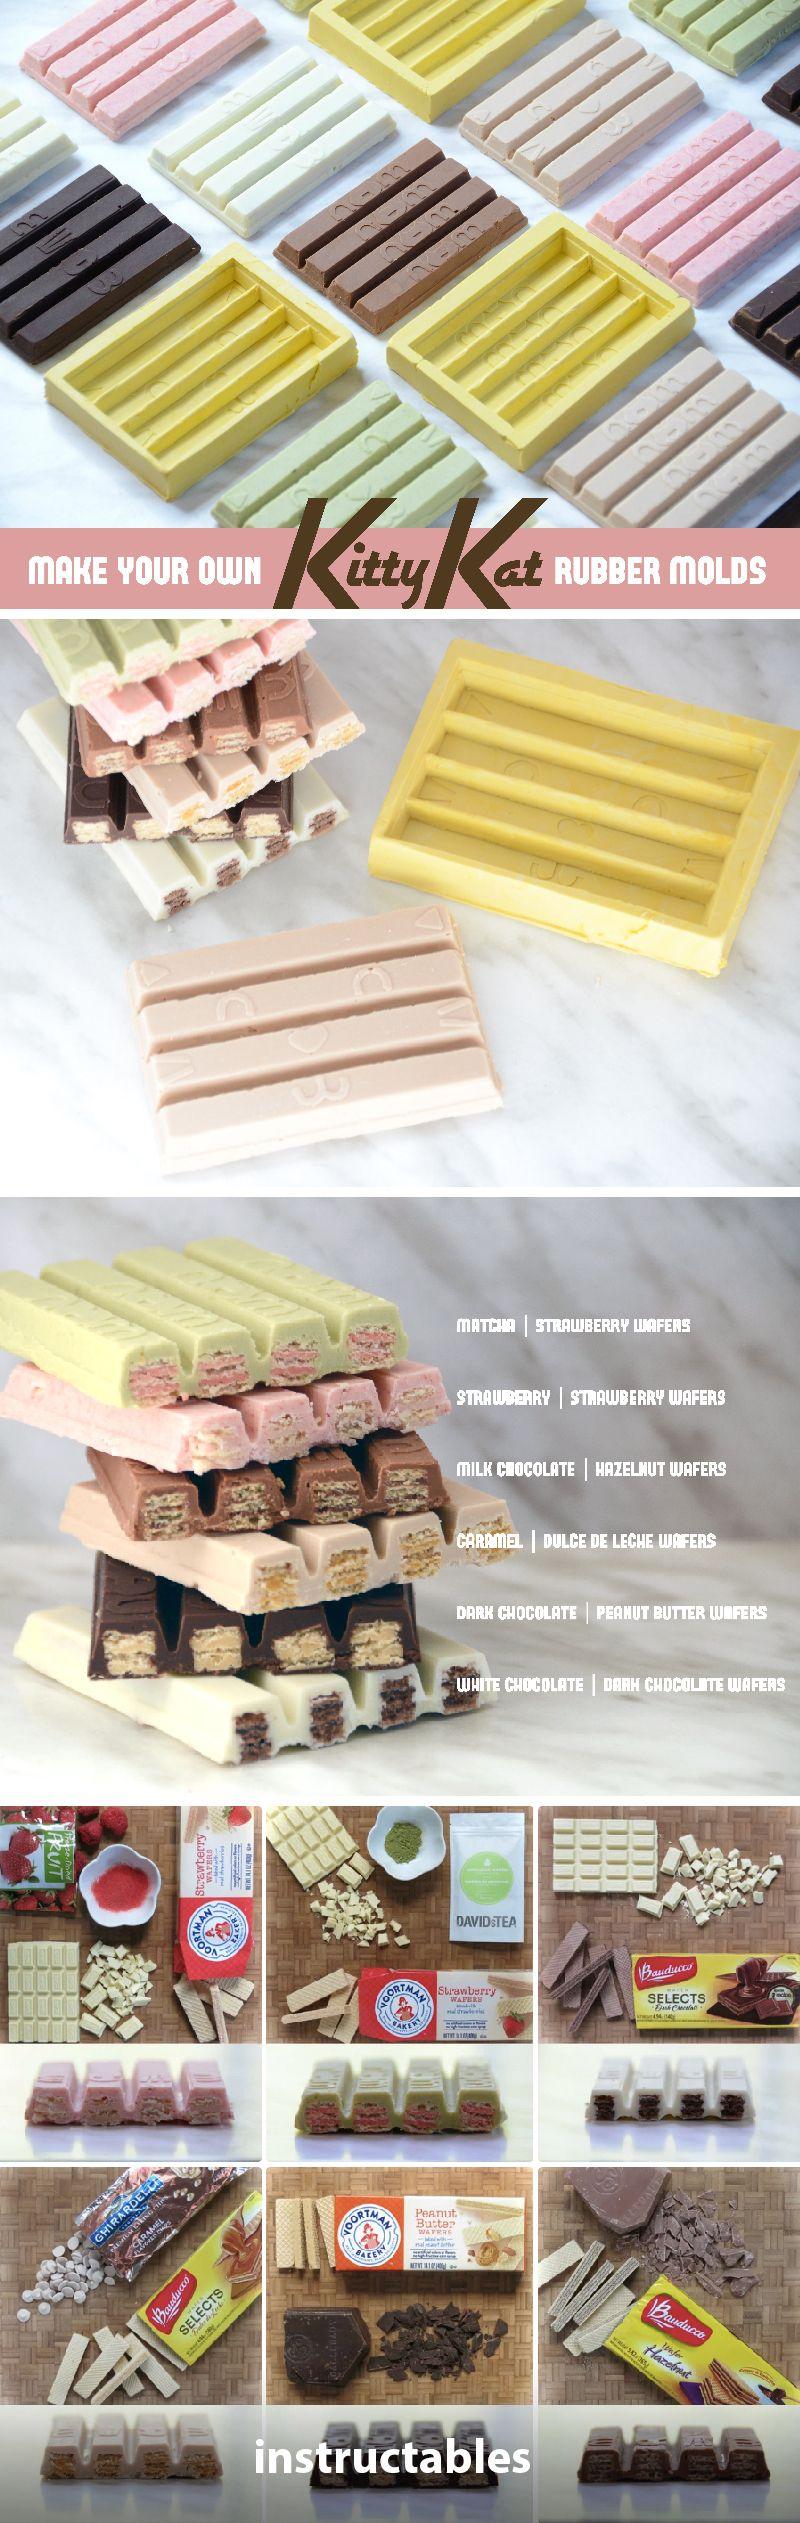 Diy kit kat molds food diy kits candy making